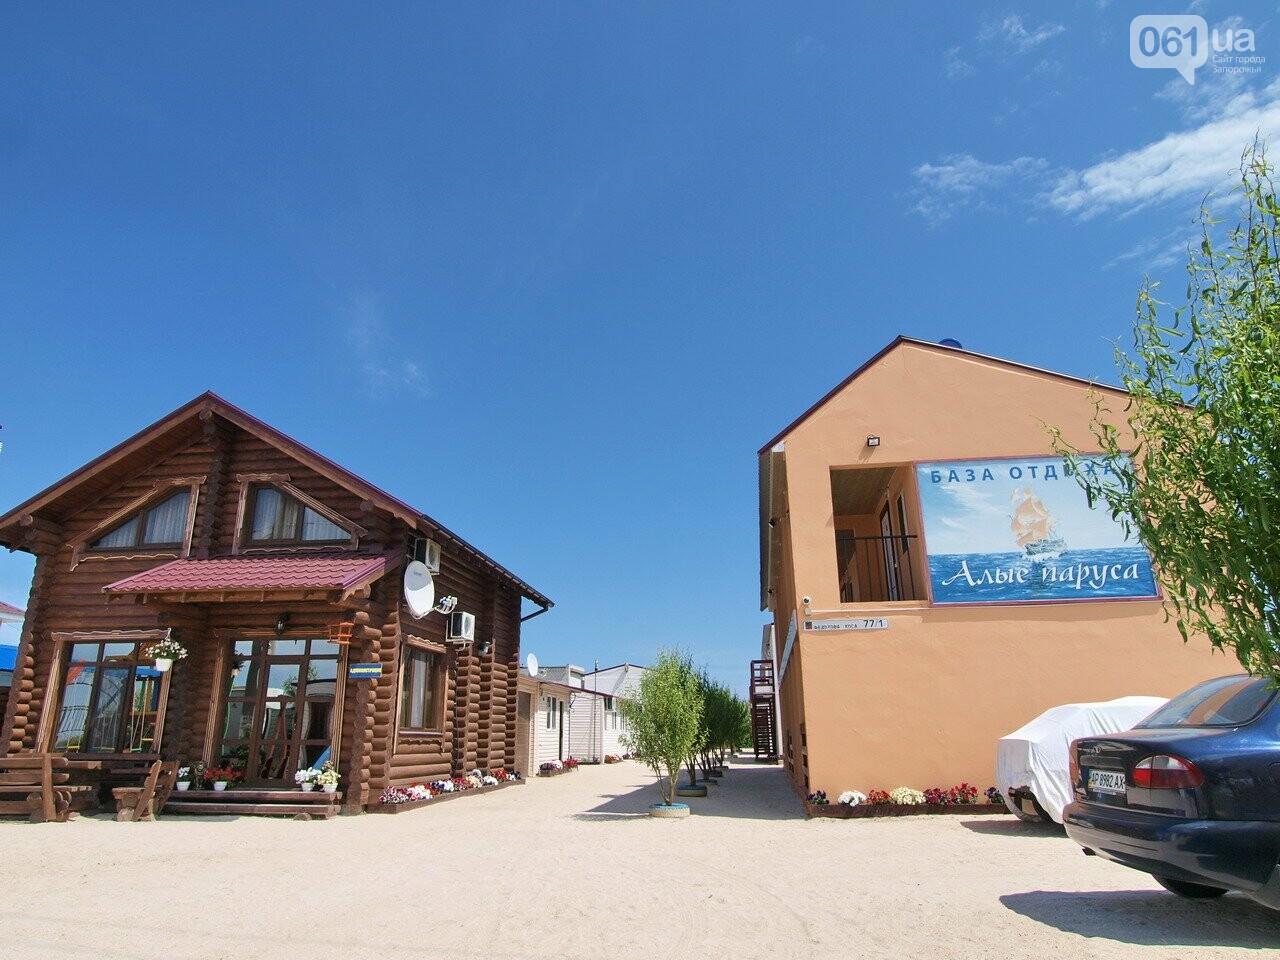 Где отдохнуть на море этим летом: обзор жилья и цен на украинских курортах , фото-41